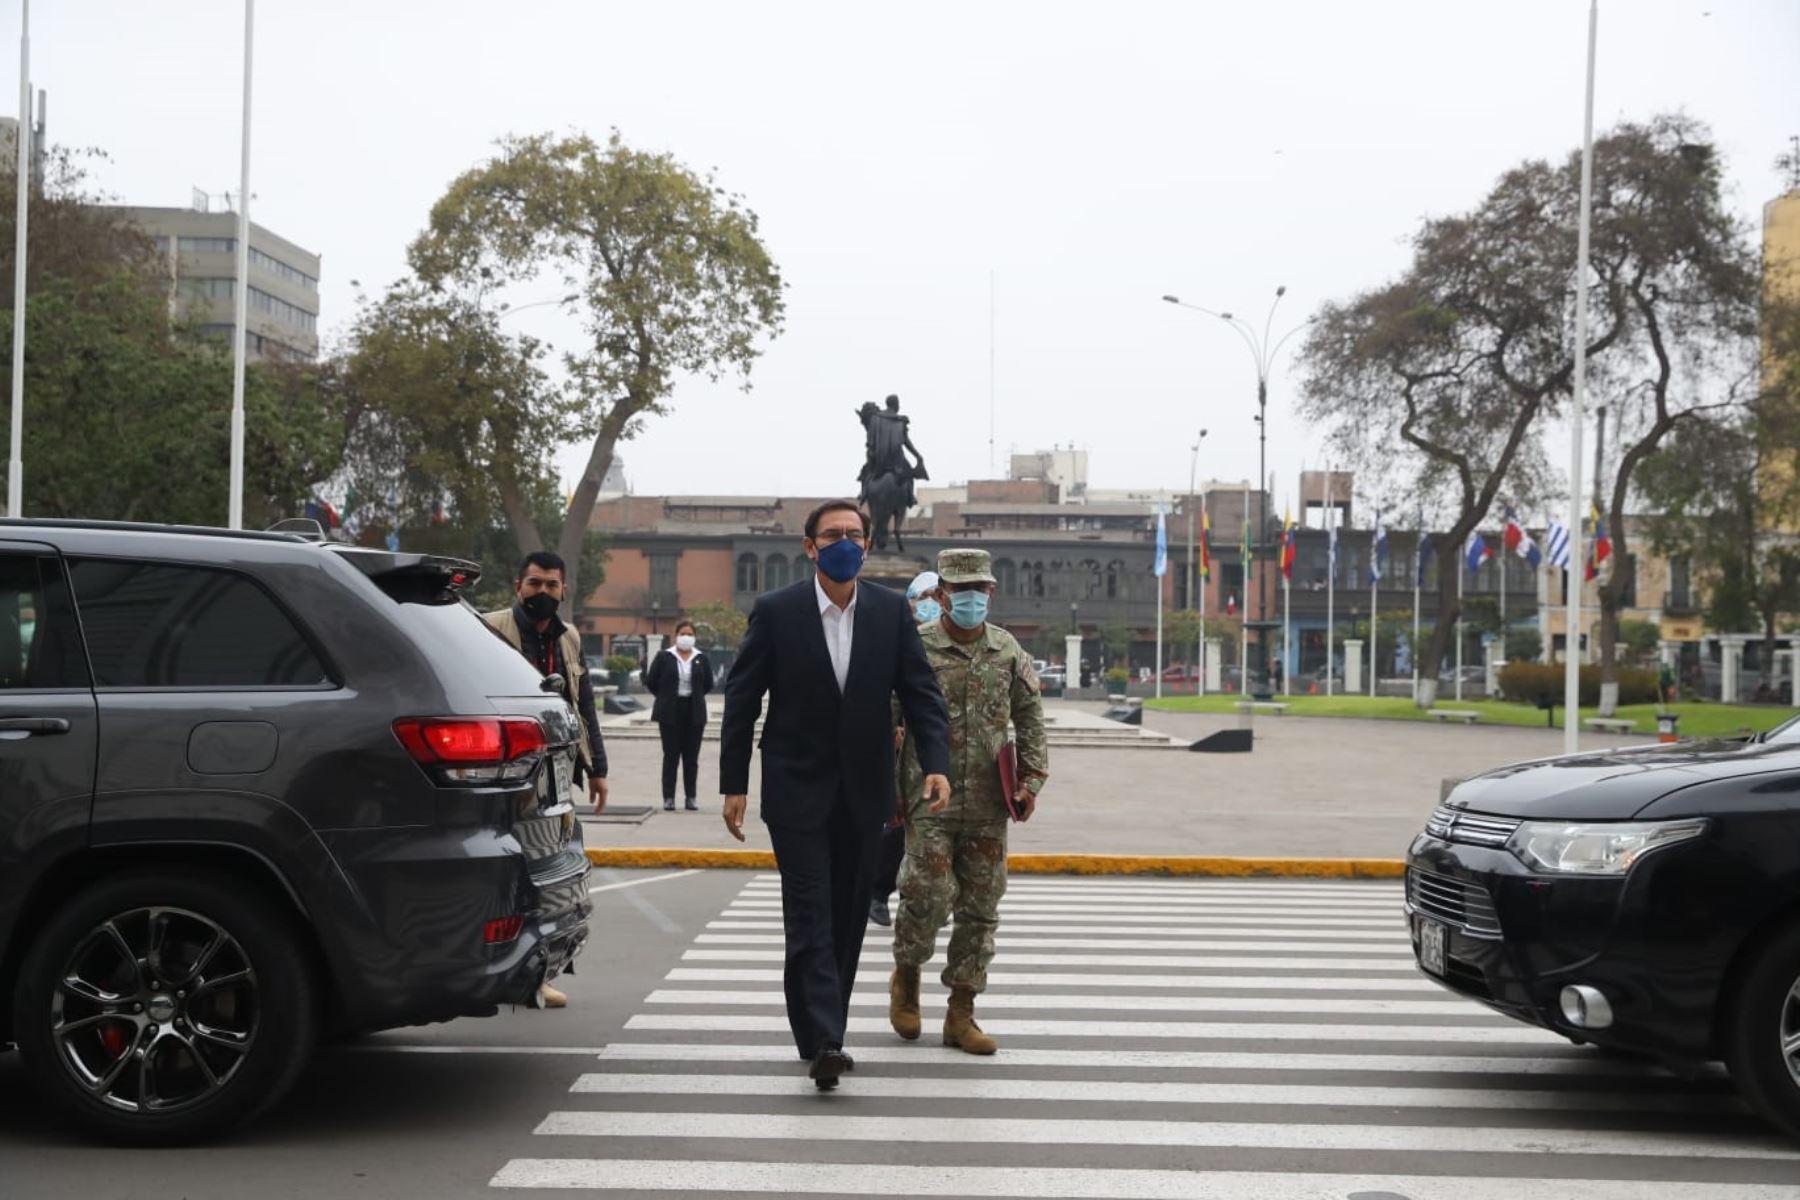 El presidente Martín Vizcarra acude al Congreso que debate la moción de vacancia presidencial. Foto: ANDINA/ Prensa Presidencia